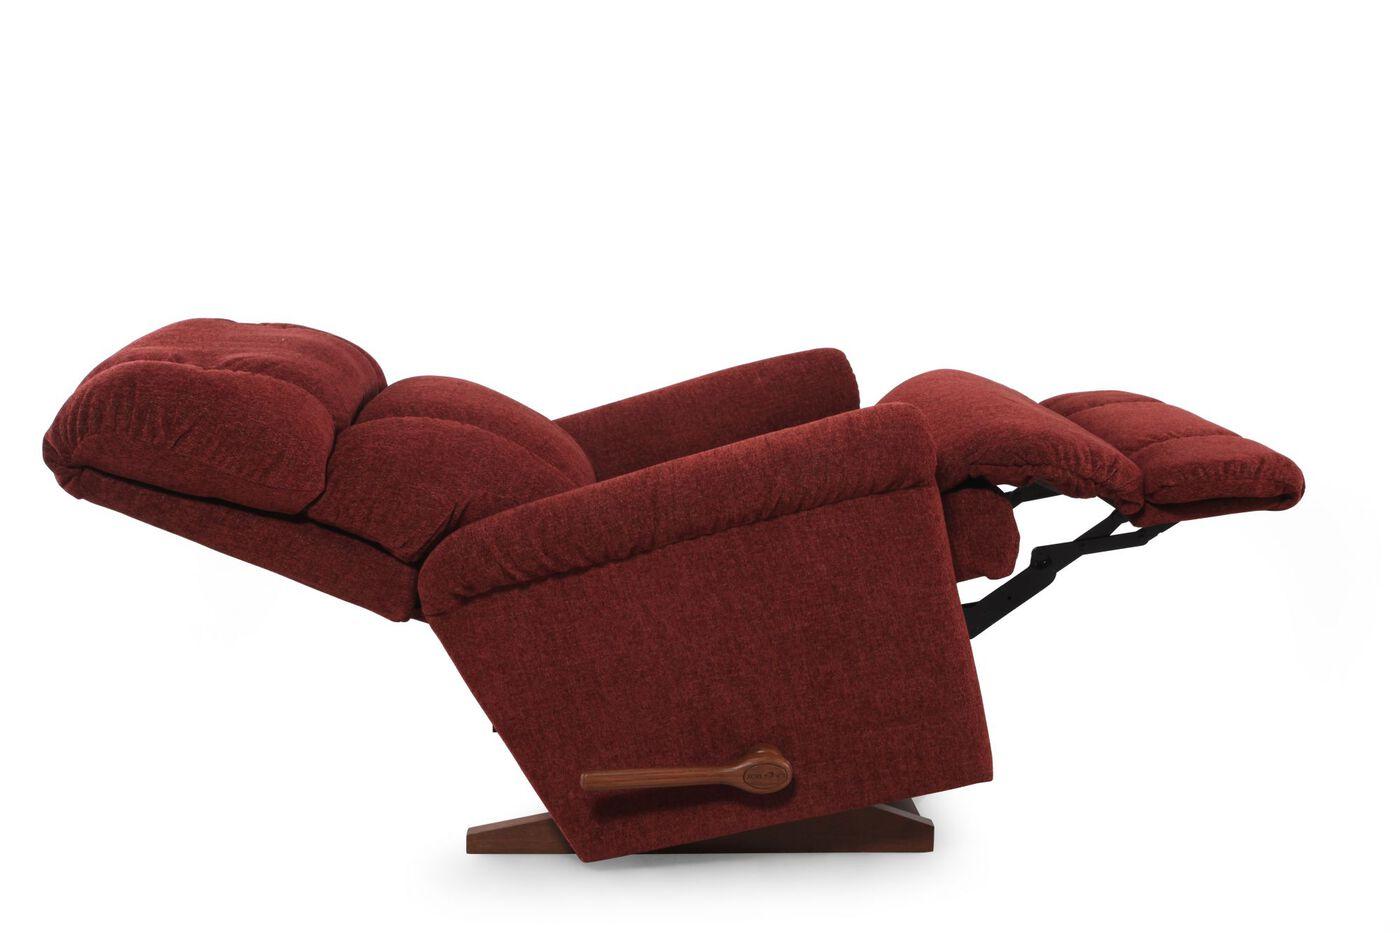 Exit Sofa Recliner Lazy Boy Fabric